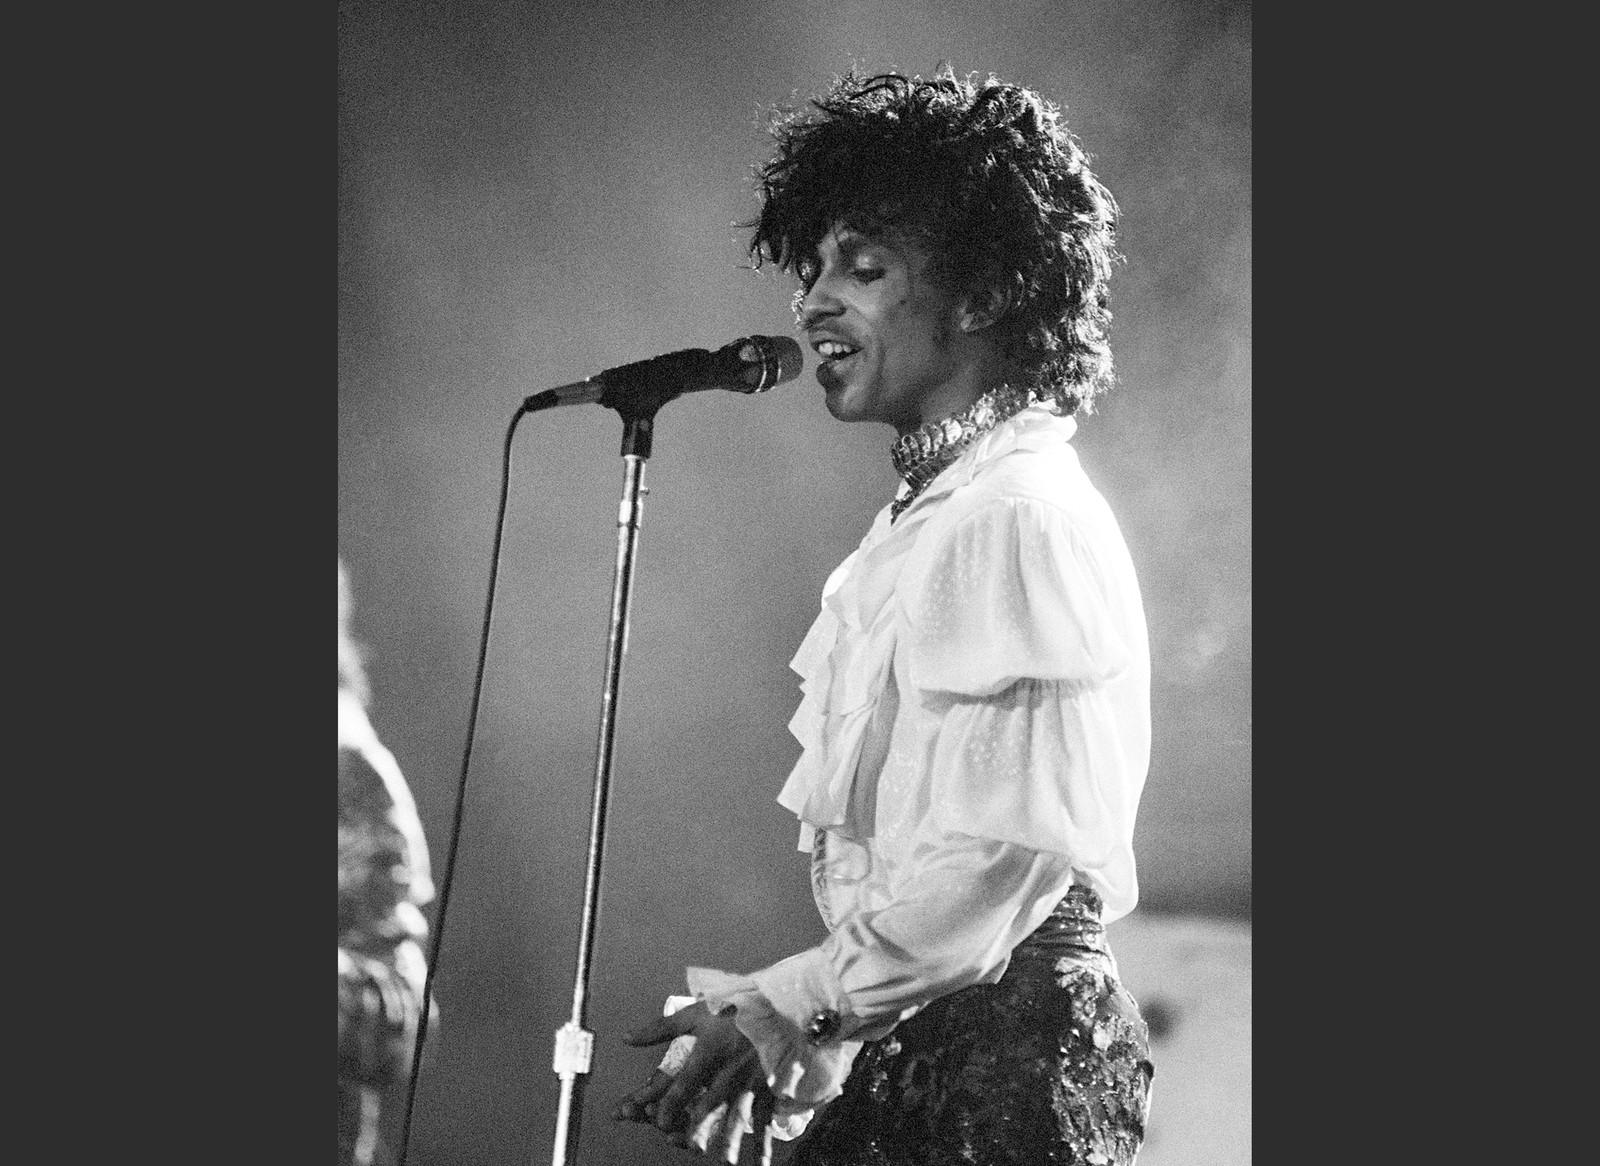 """I april 1985 opptrådde Prince i Miami. Prince er kjent som en oppfinnsom og innflytelsesrik artist, og noen av sangene han er kjent for er """"Little Red Corvette,"""" ''Let's Go Crazy"""" og """"When Doves Cry"""